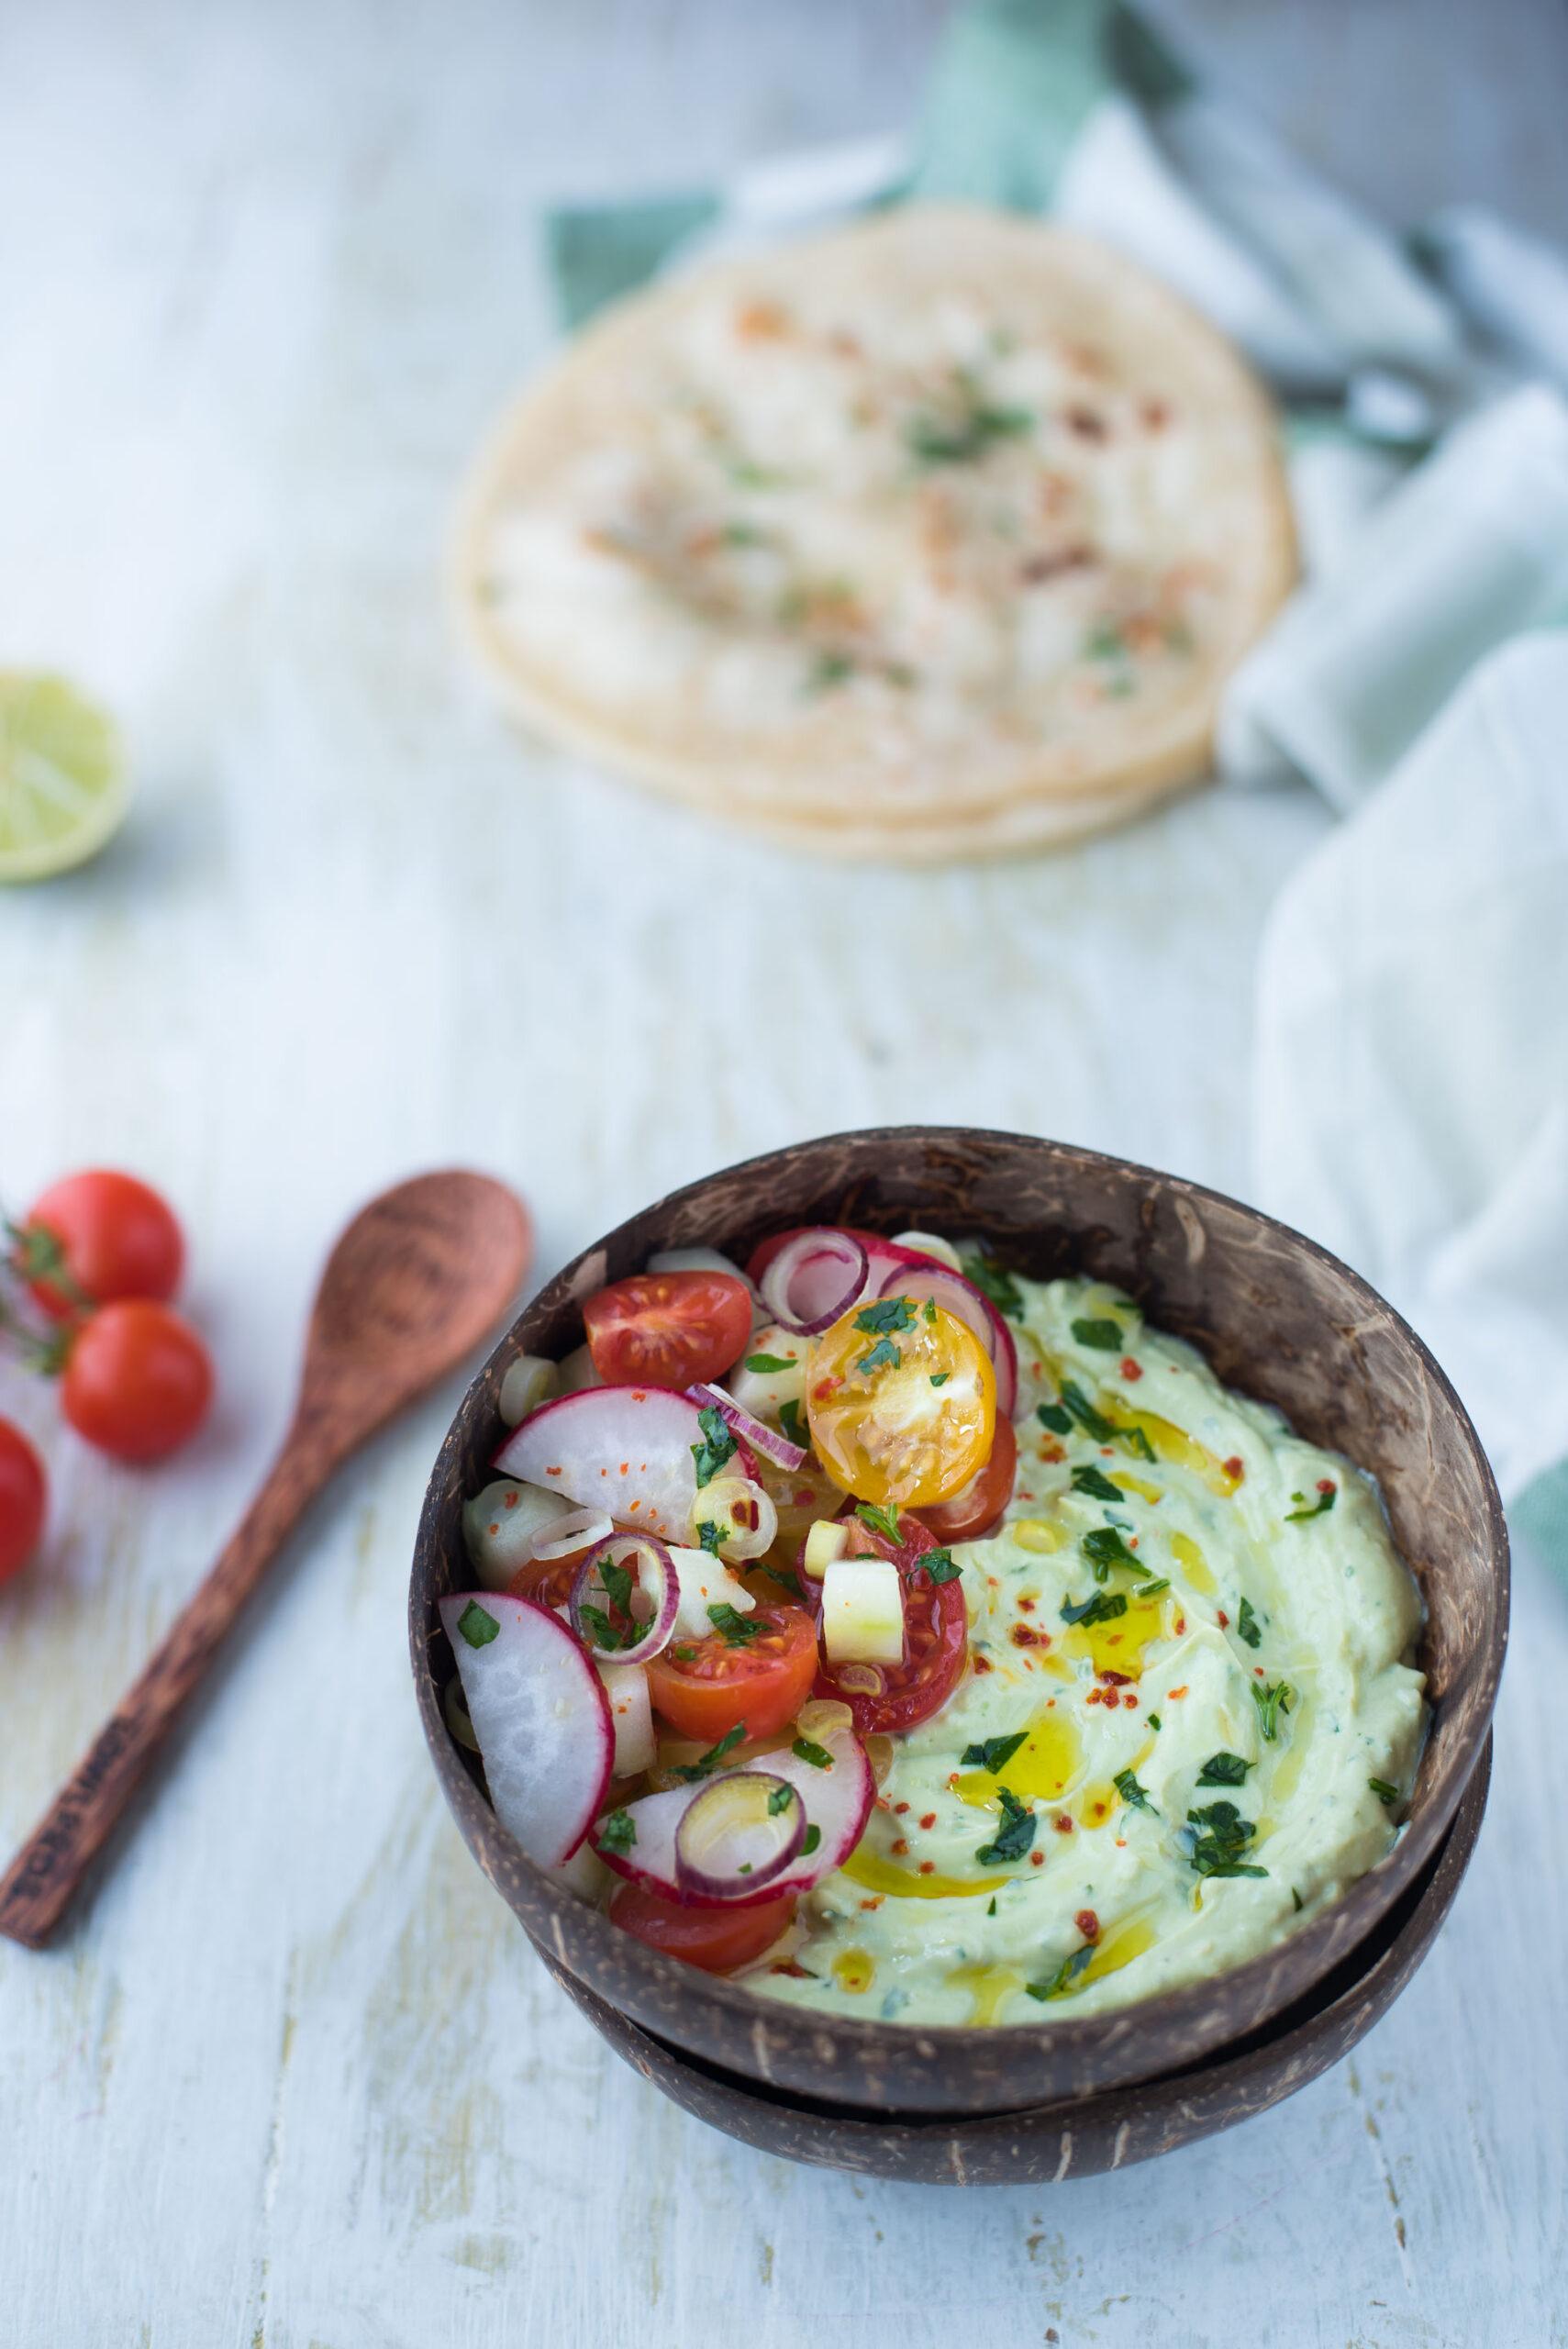 Ricetta Salsa Guacamole Con Yogurt Greco.Salsa Di Avocado E Yogurt O Guacamole Allo Yogurt La Cucina Di Zia Ale